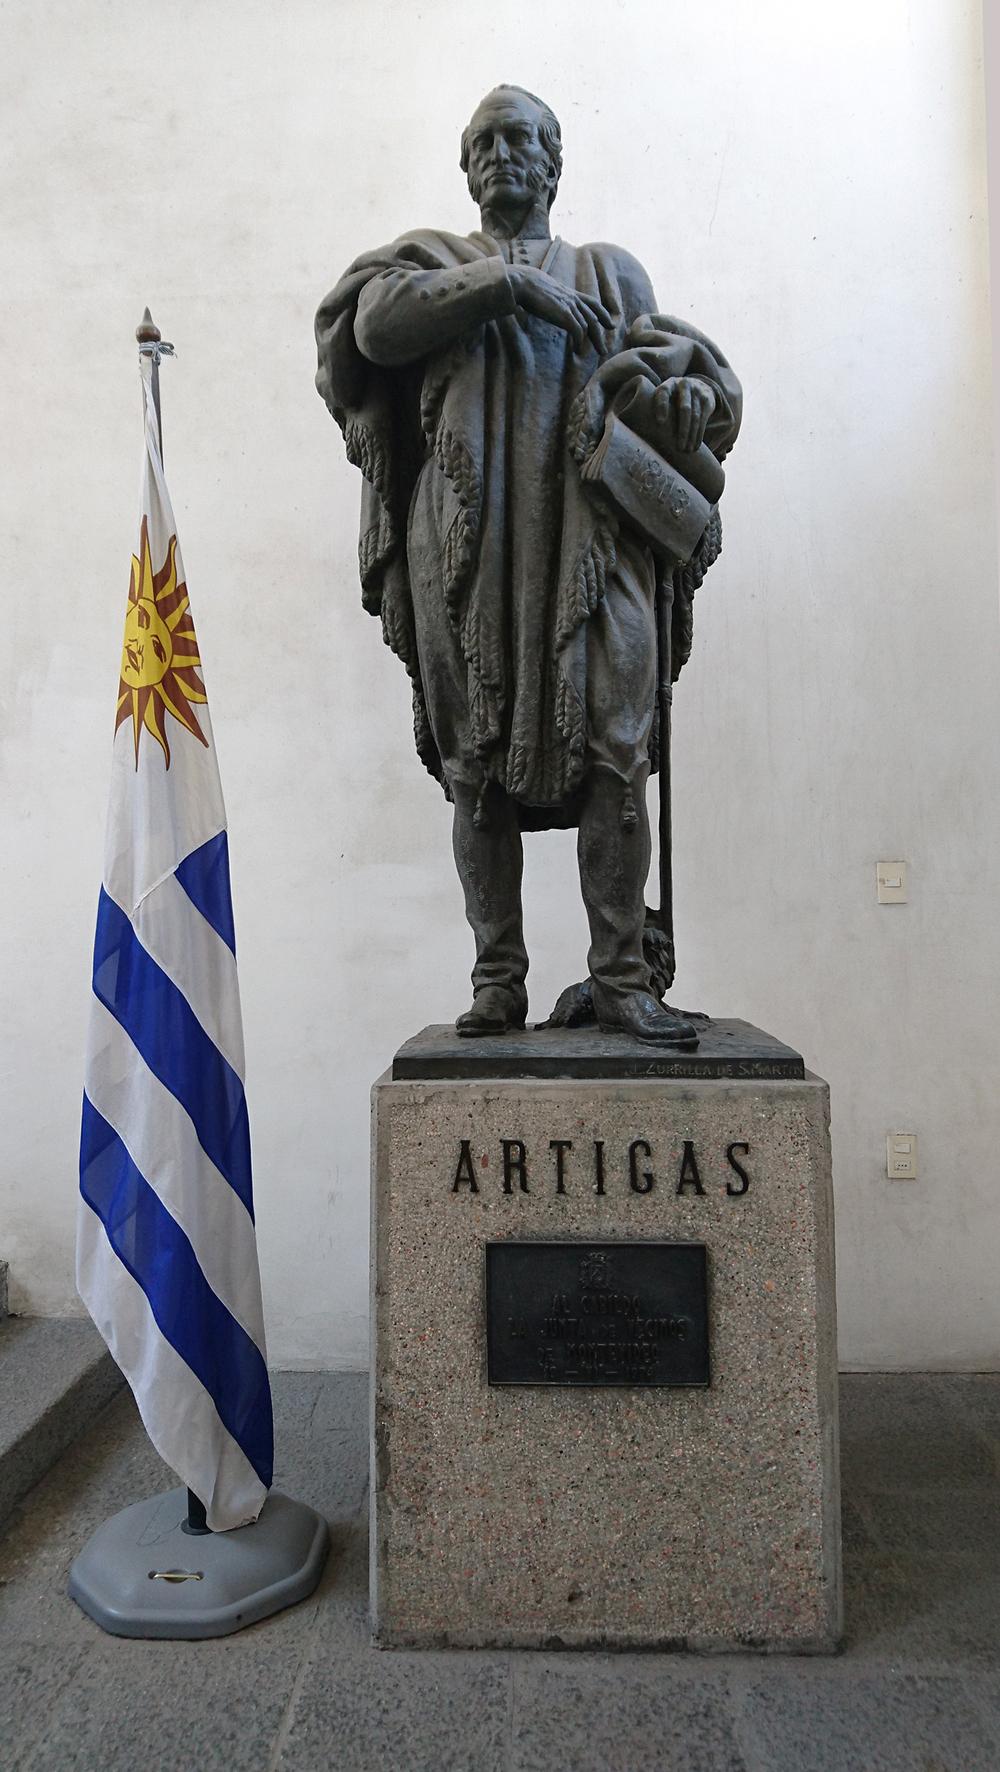 The statue of José Artigas in the Museo Histórico Cabildo. Photo: Barbora Sajmovicova, 2016, Uruguay.